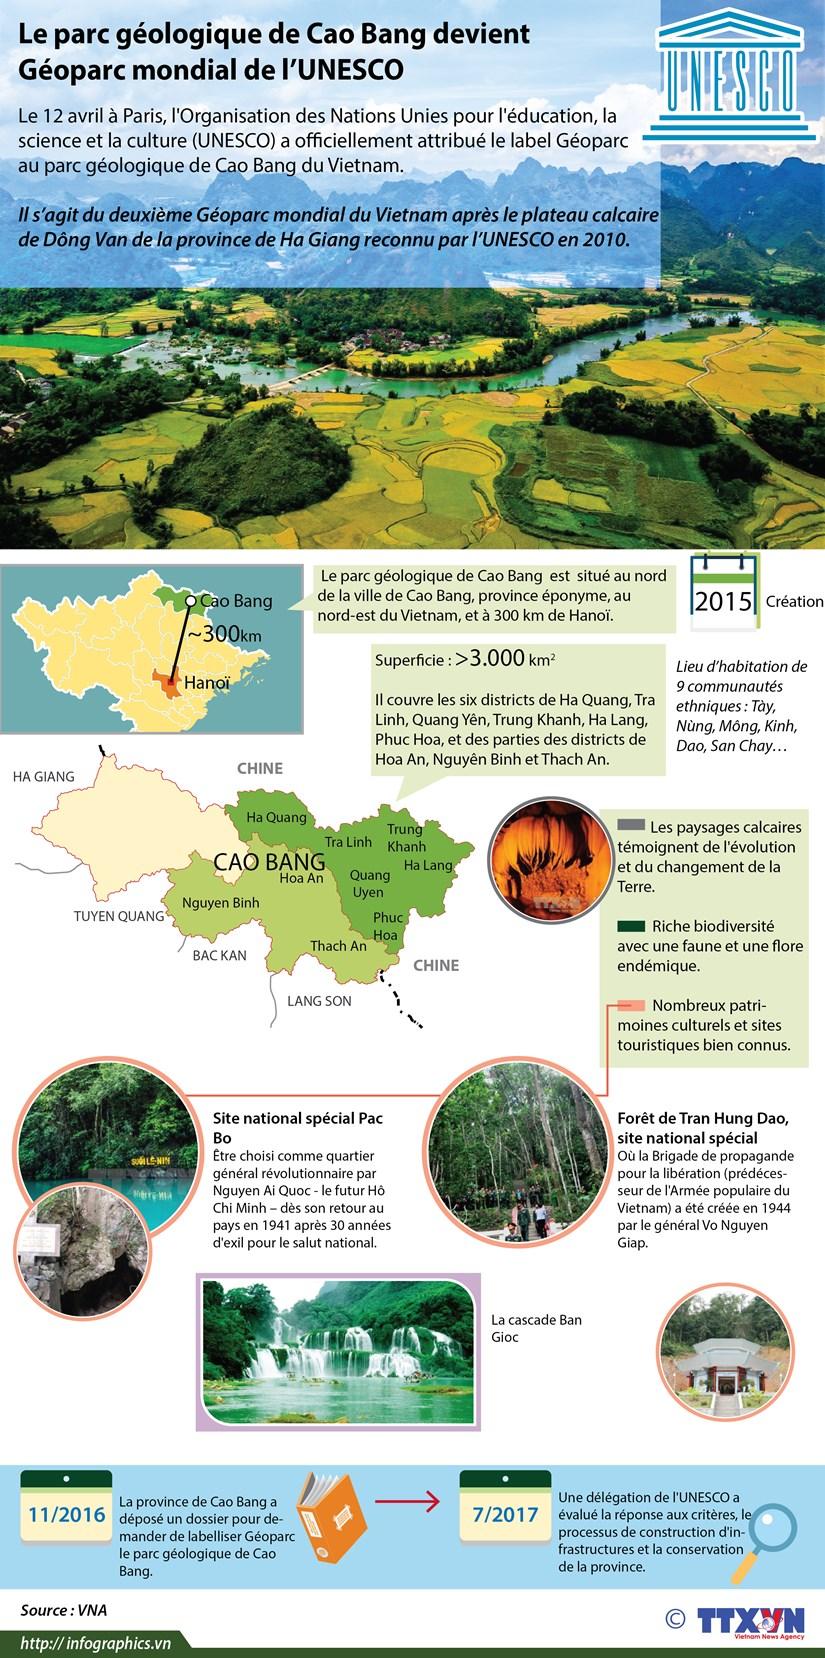 Le parc geologique de Cao Bang devient Geoparc mondial de l'UNESCO hinh anh 1